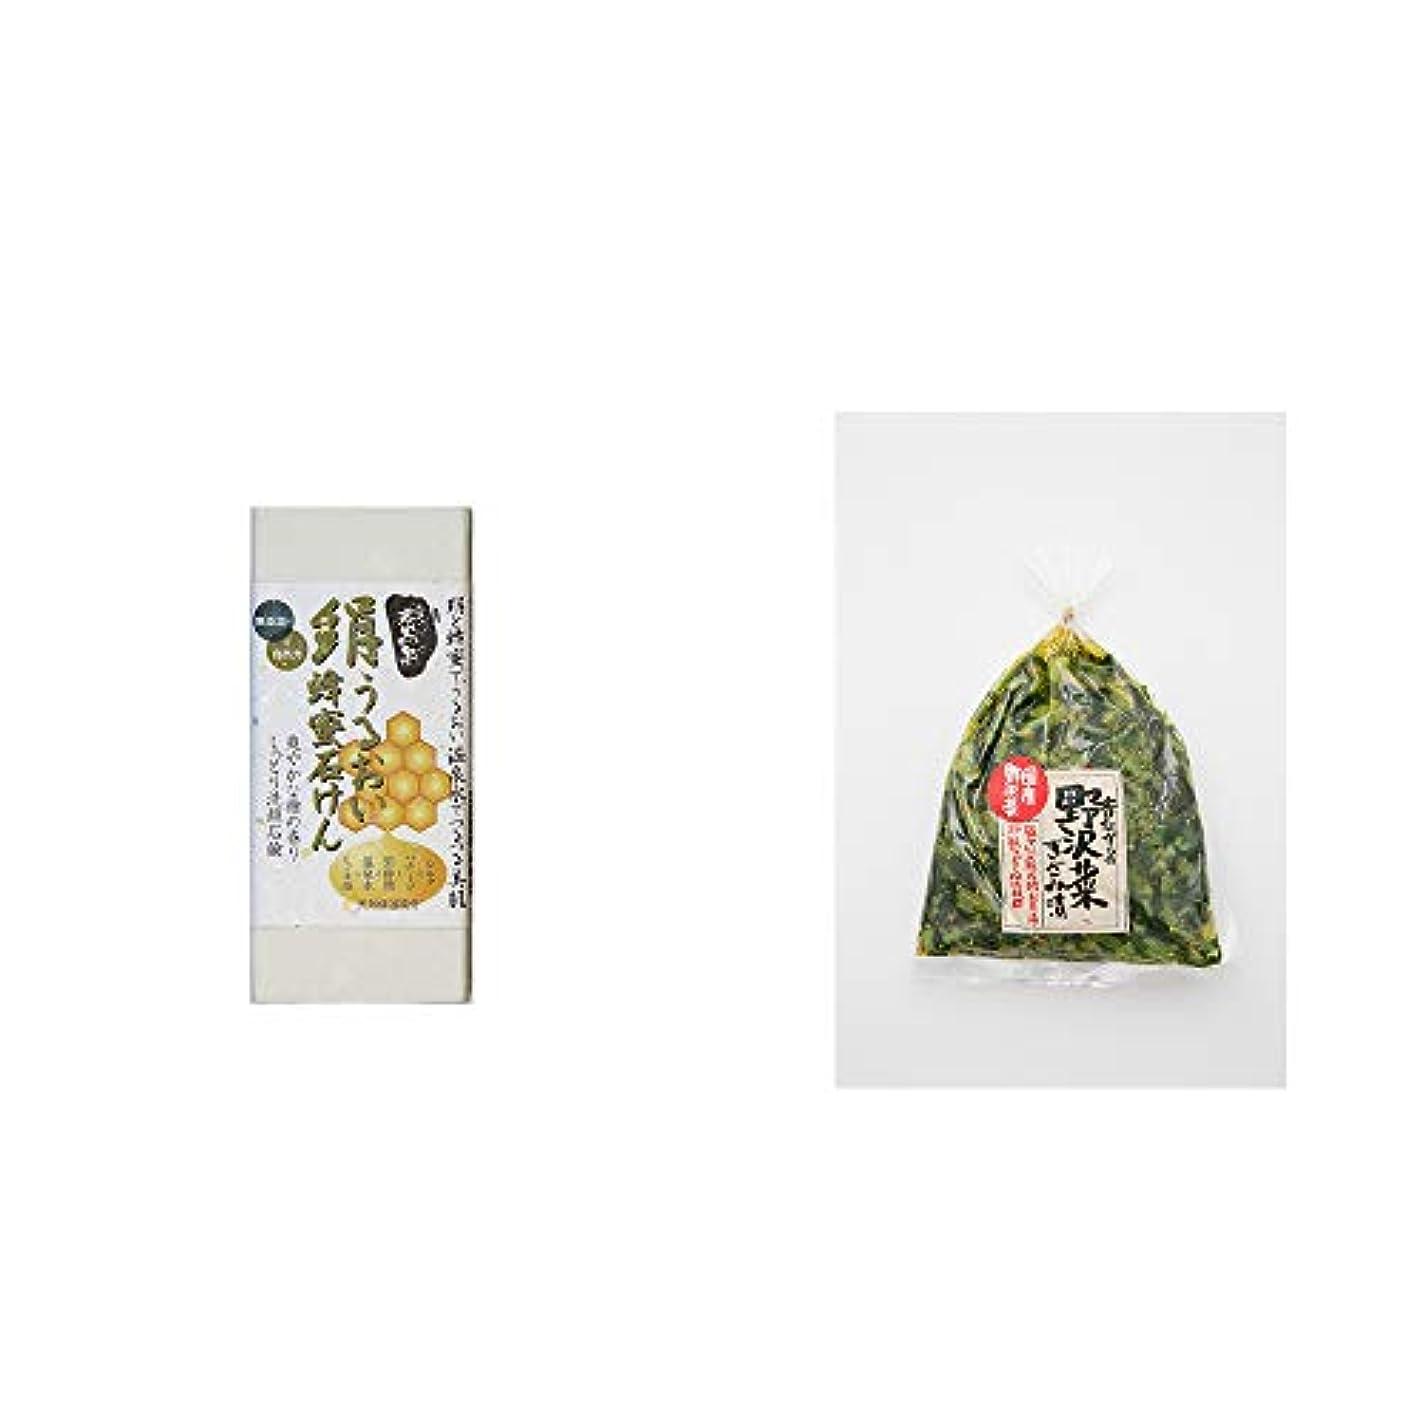 散るピアライム[2点セット] ひのき炭黒泉 絹うるおい蜂蜜石けん(75g×2)?国産 昔ながらの野沢菜きざみ漬け(150g)